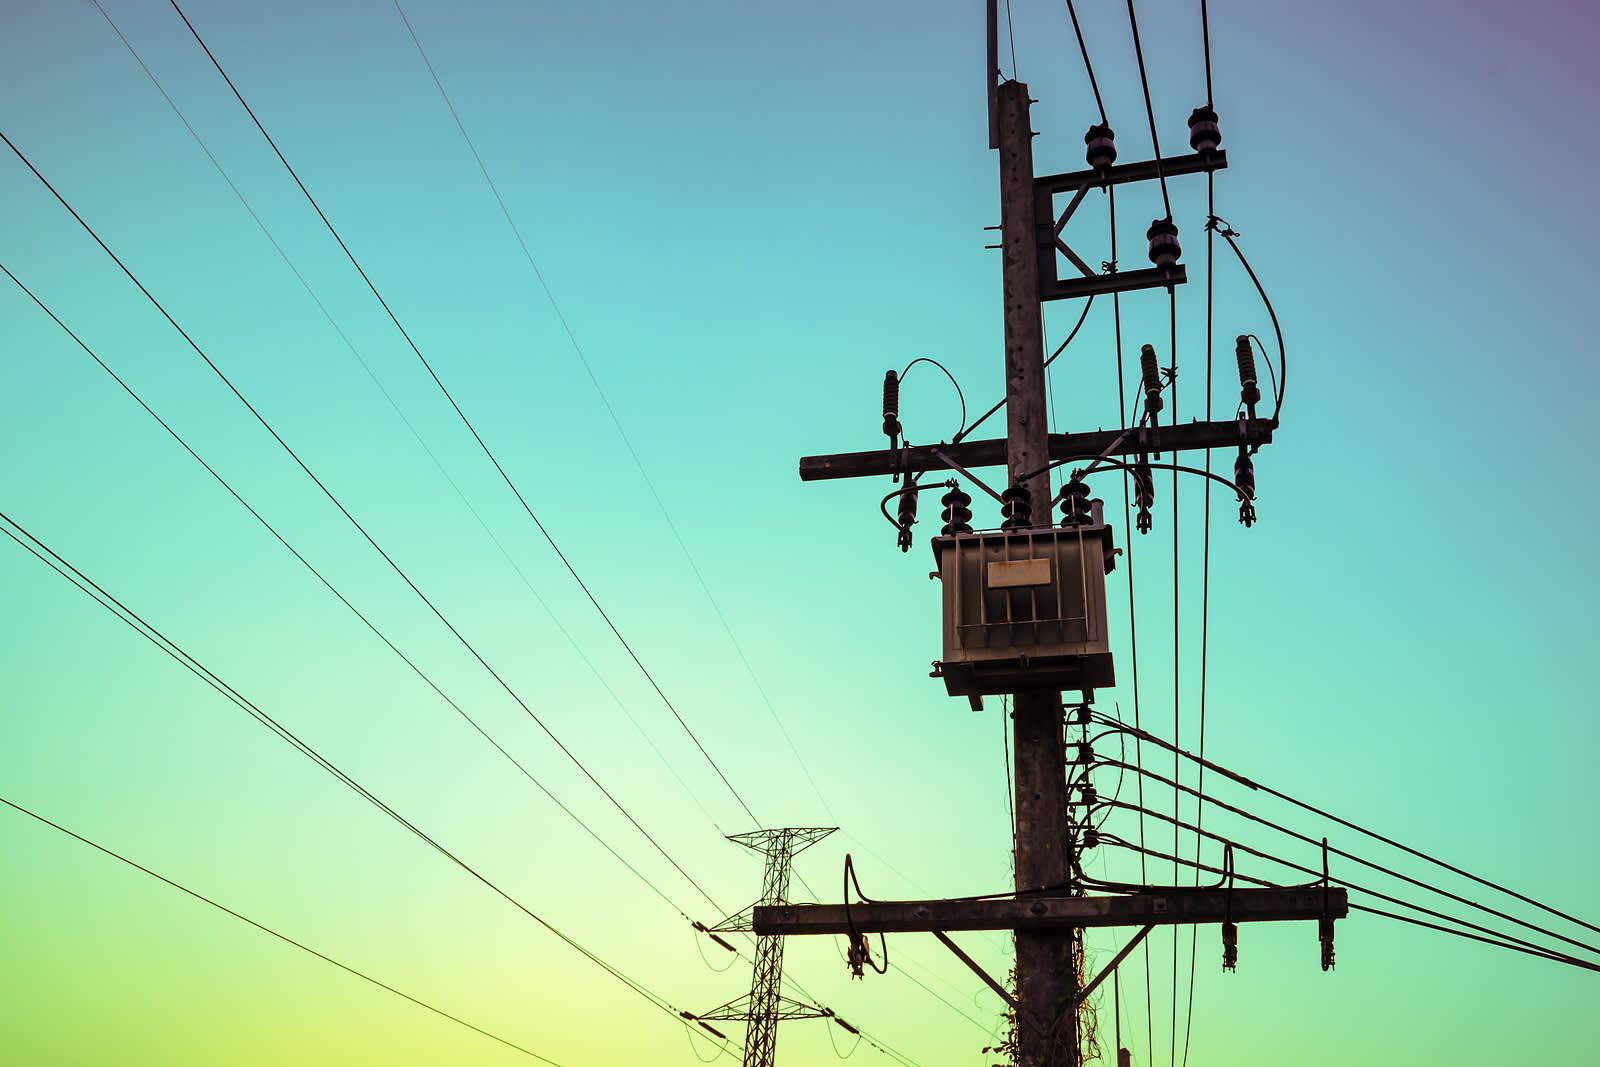 PPA - electricity pylon